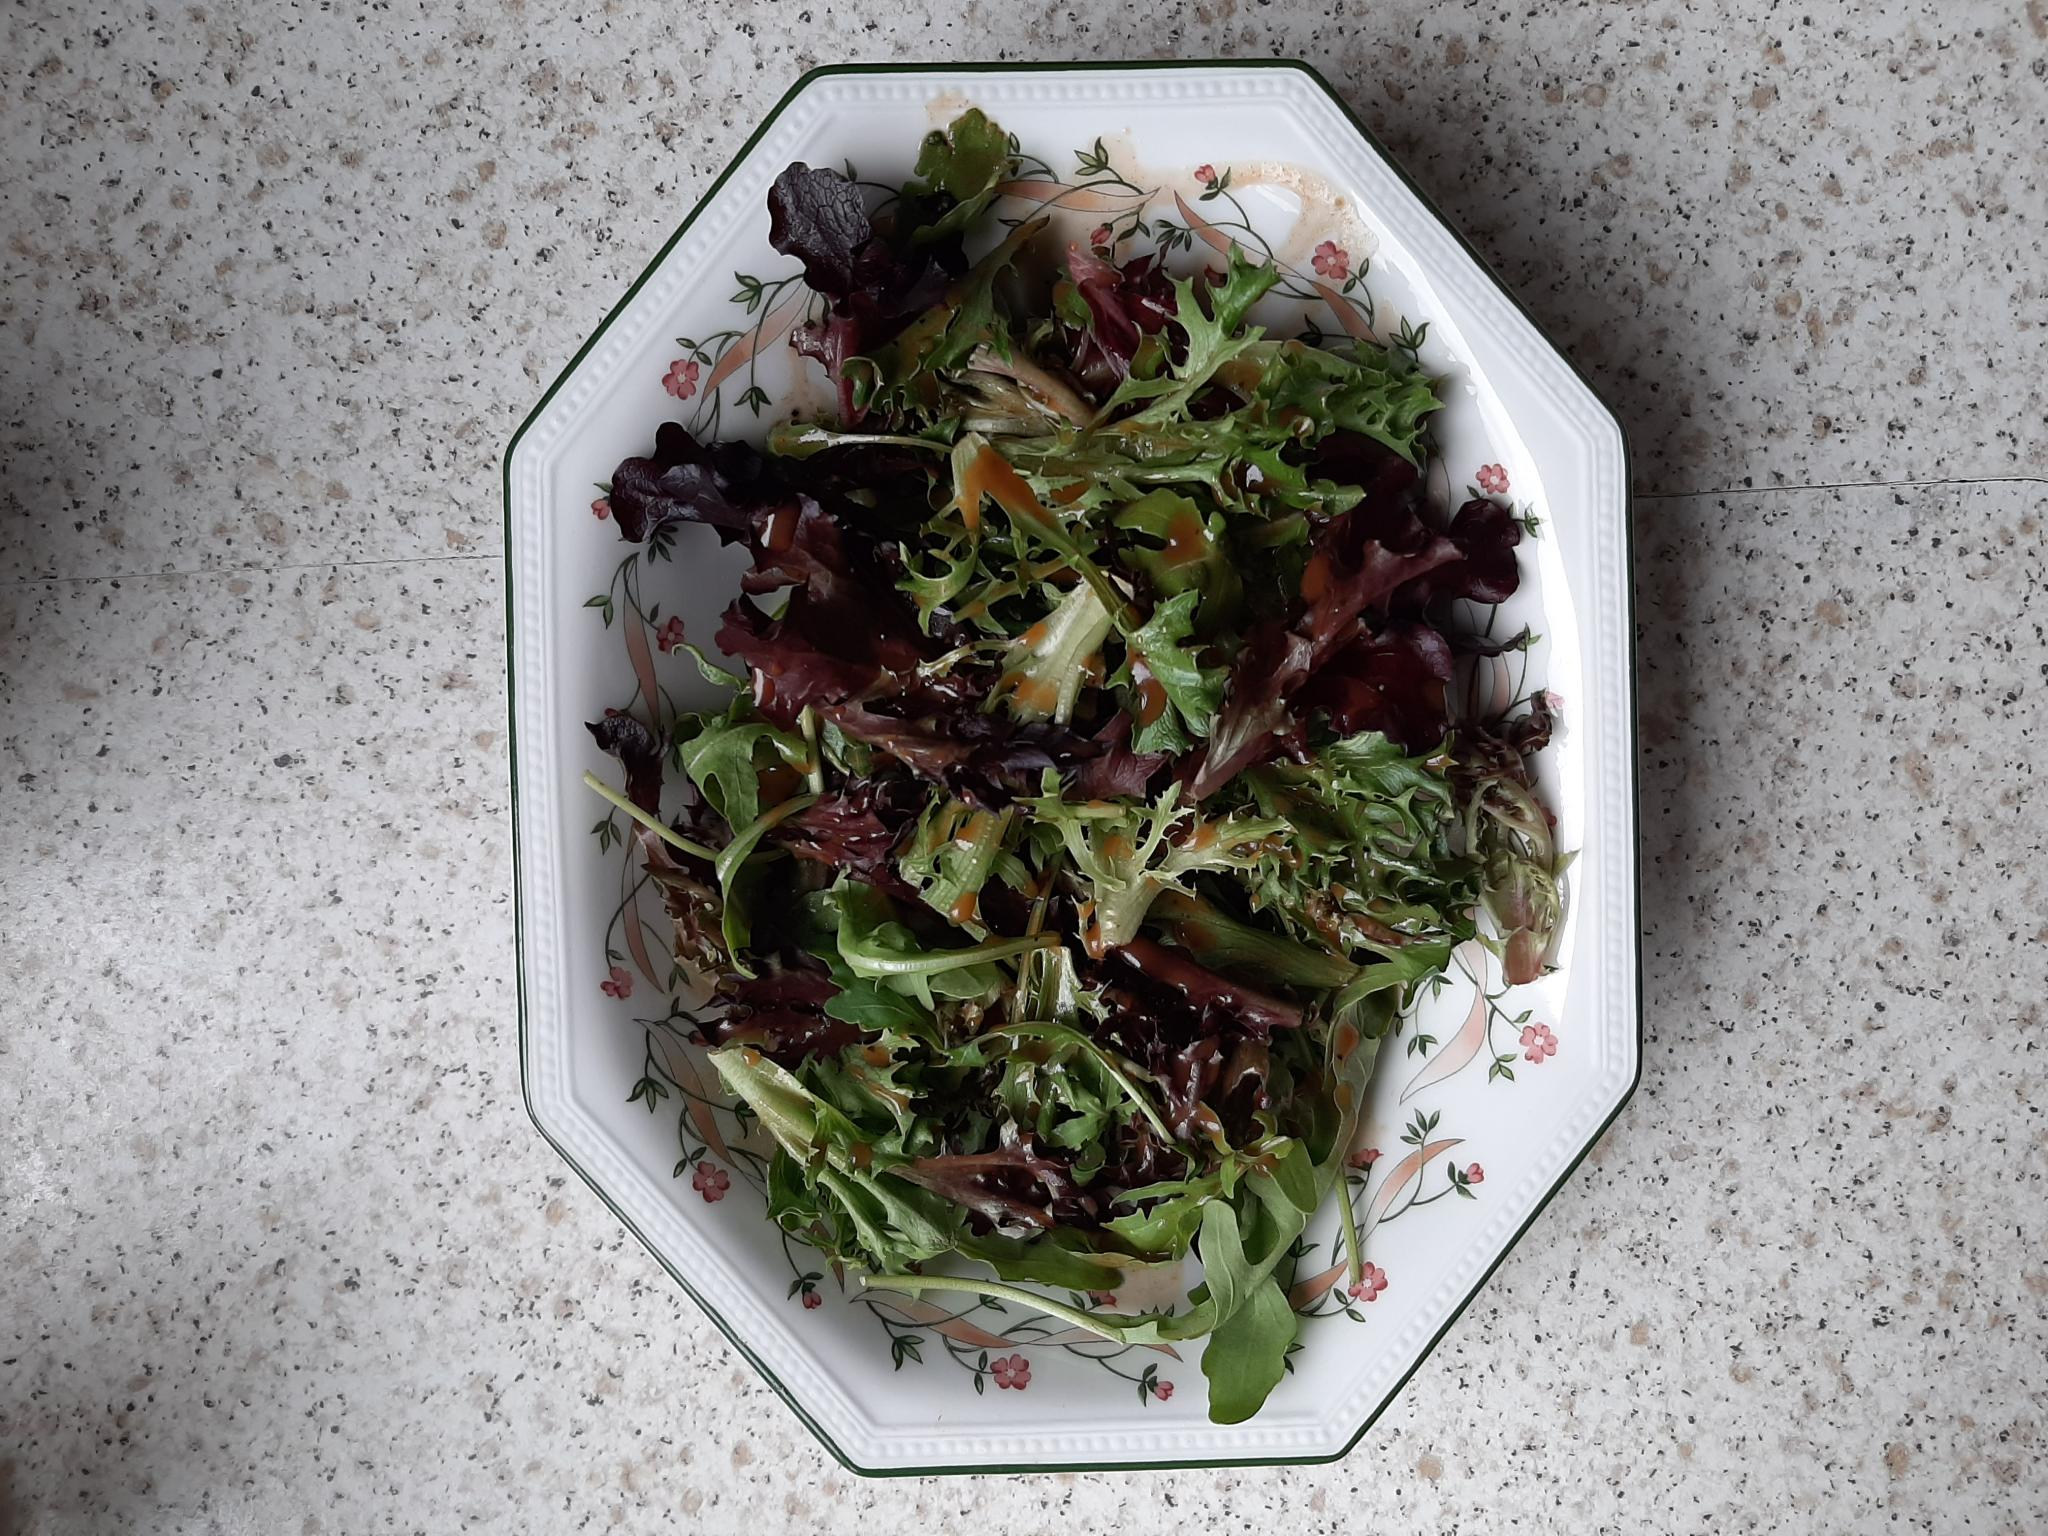 Prawn Hoisin & Plum Egg Noodles With Side Salad-20200610_172240-jpg